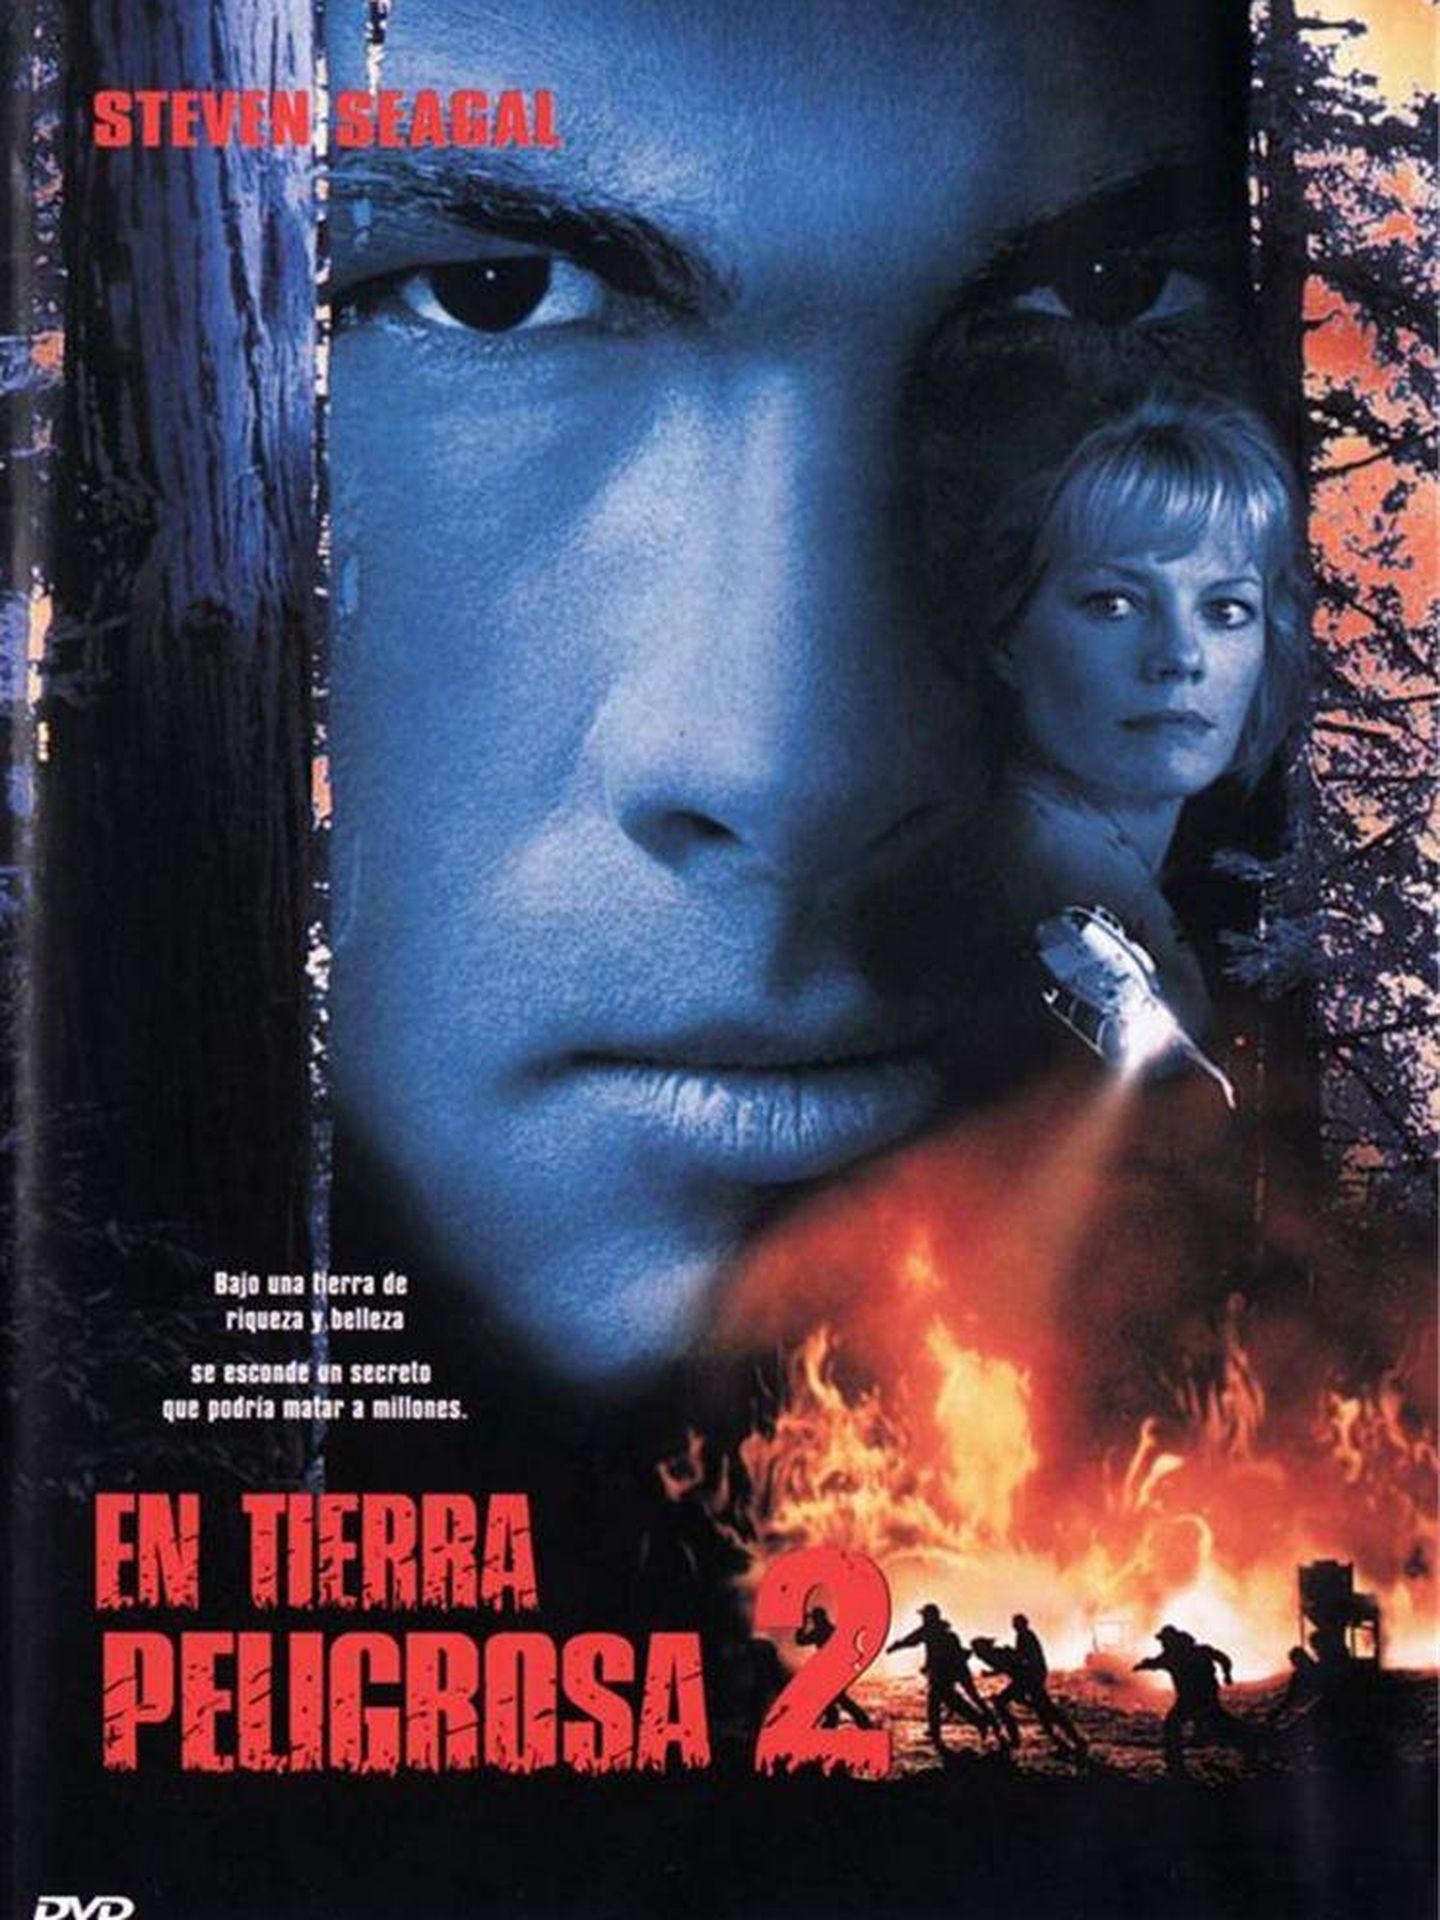 Cartel de la película 'En tierra peligrosa'.